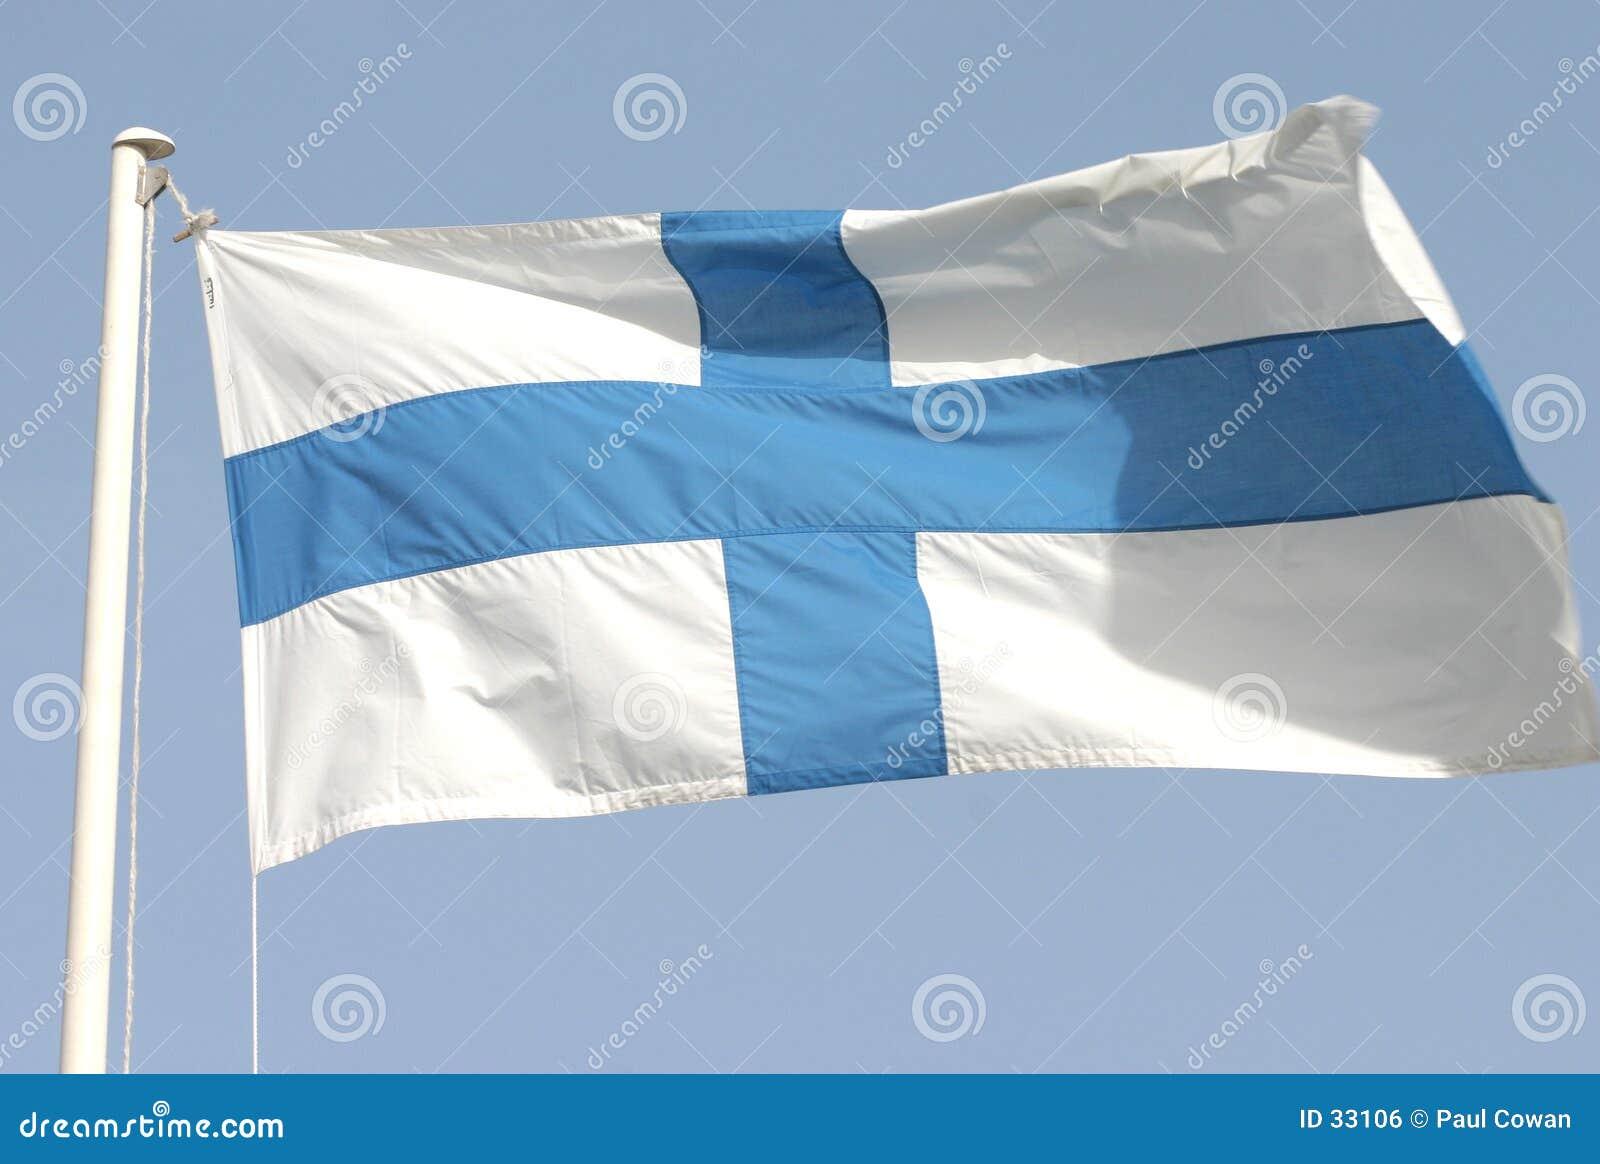 Finnlands Markierungsfahne